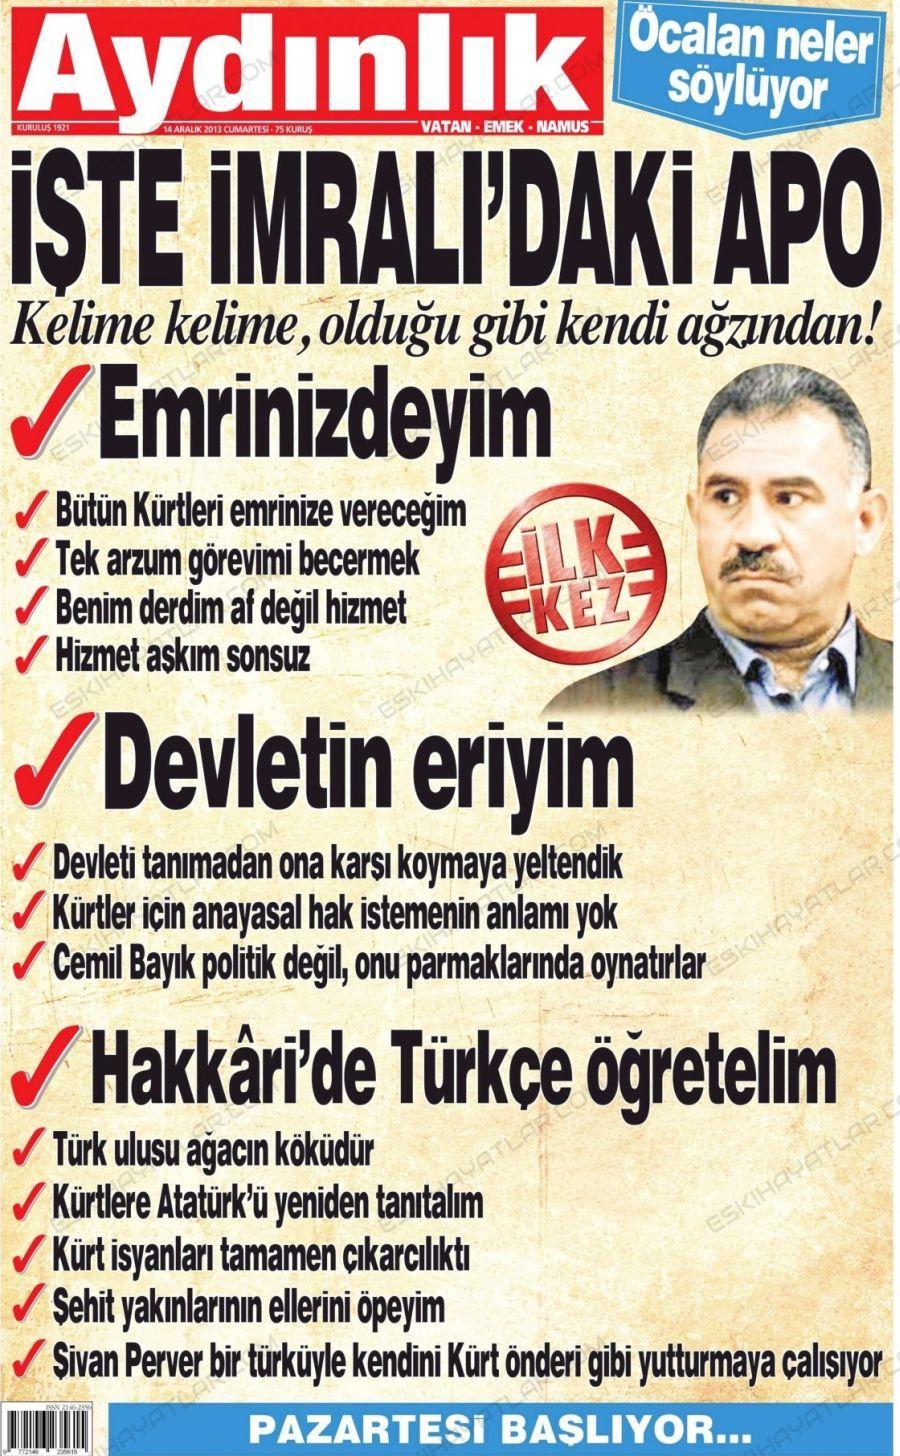 0223-abdullah-ocalan-emrinizdeyim-ocalan-devletin-eriyim-hakkaride-turkce-ogretelim-2013-yili-gazete-arsivleri-aydinlik